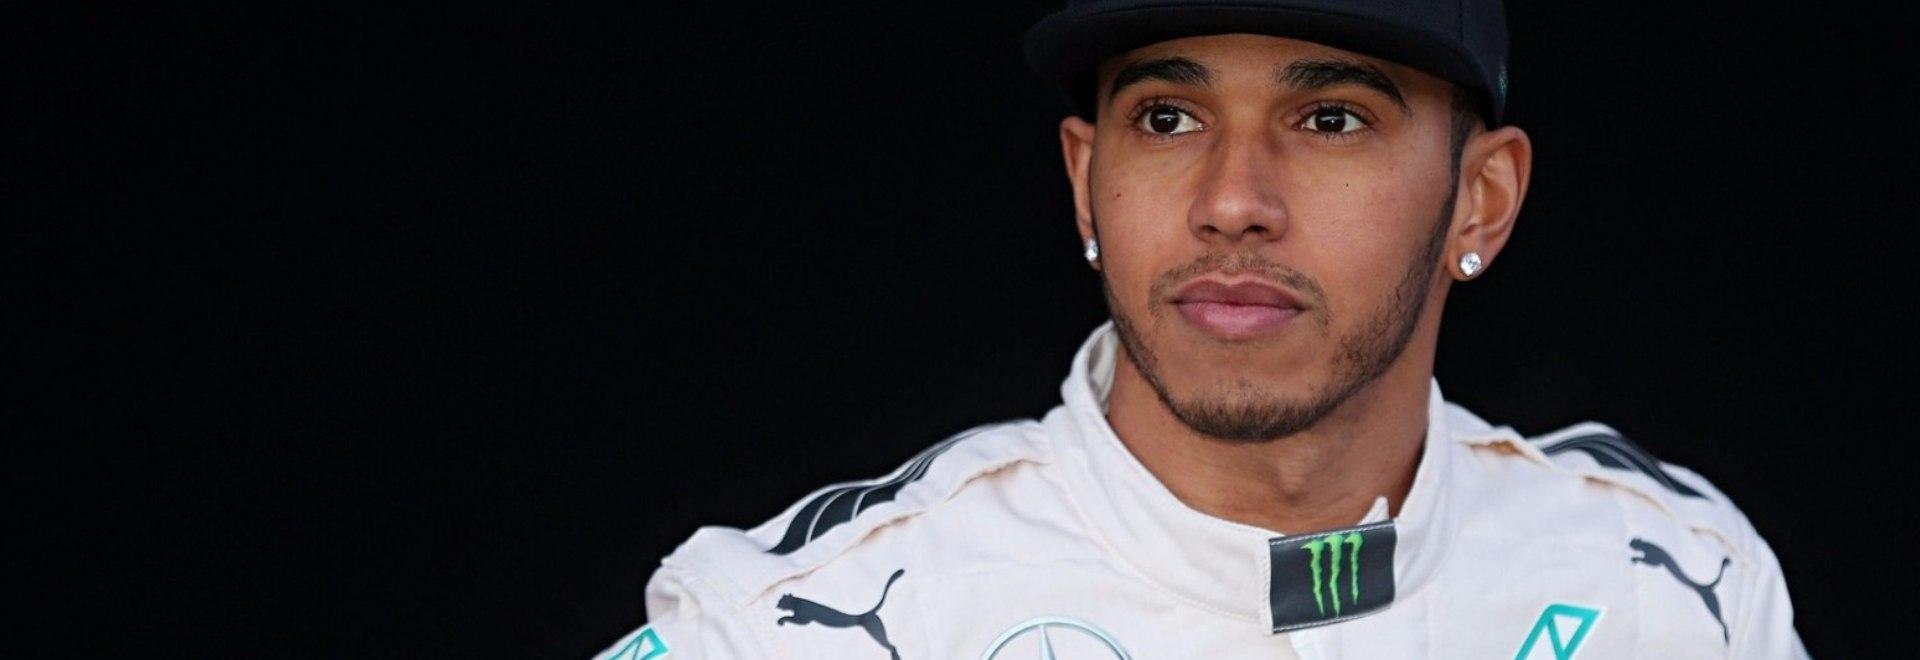 Nico - Lewis: la sfida